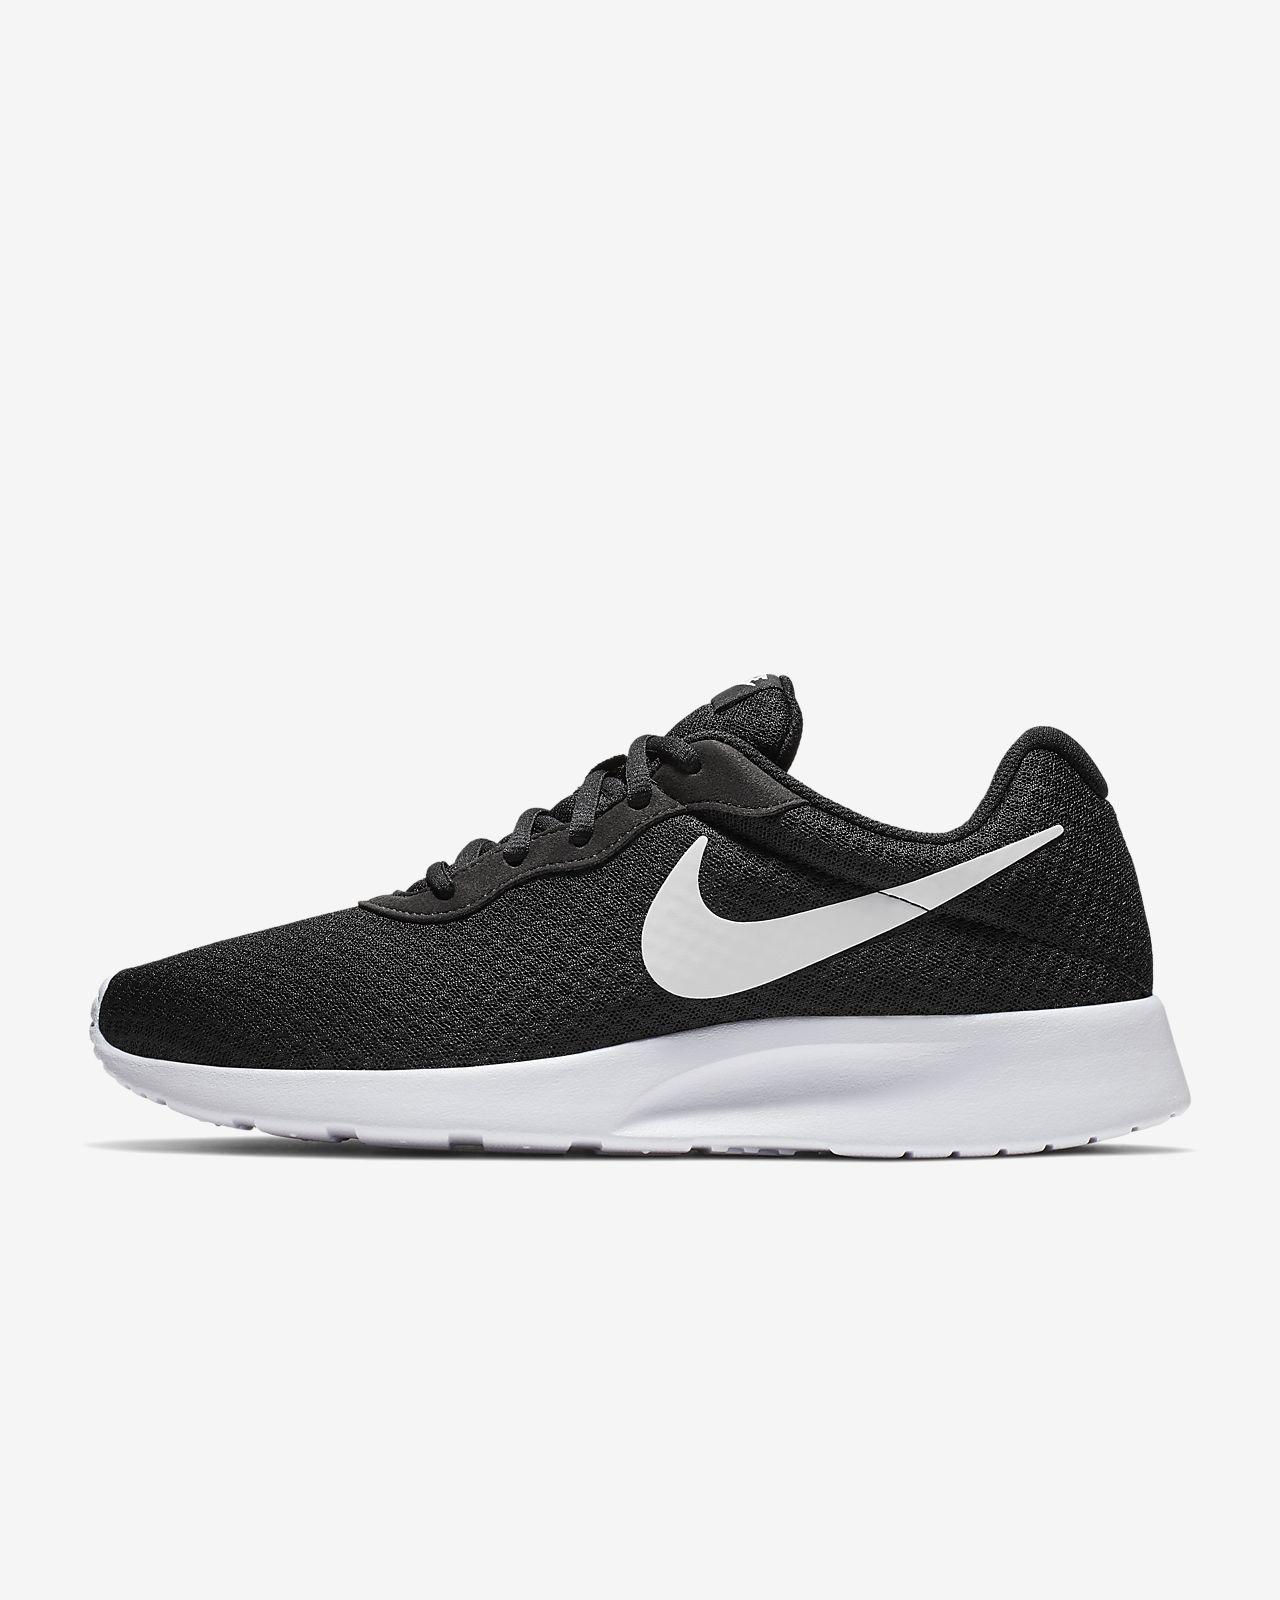 Nike Blazers Düşük Erkekler Popüler Ayakkabı Beyaz Siyah Mükemmel